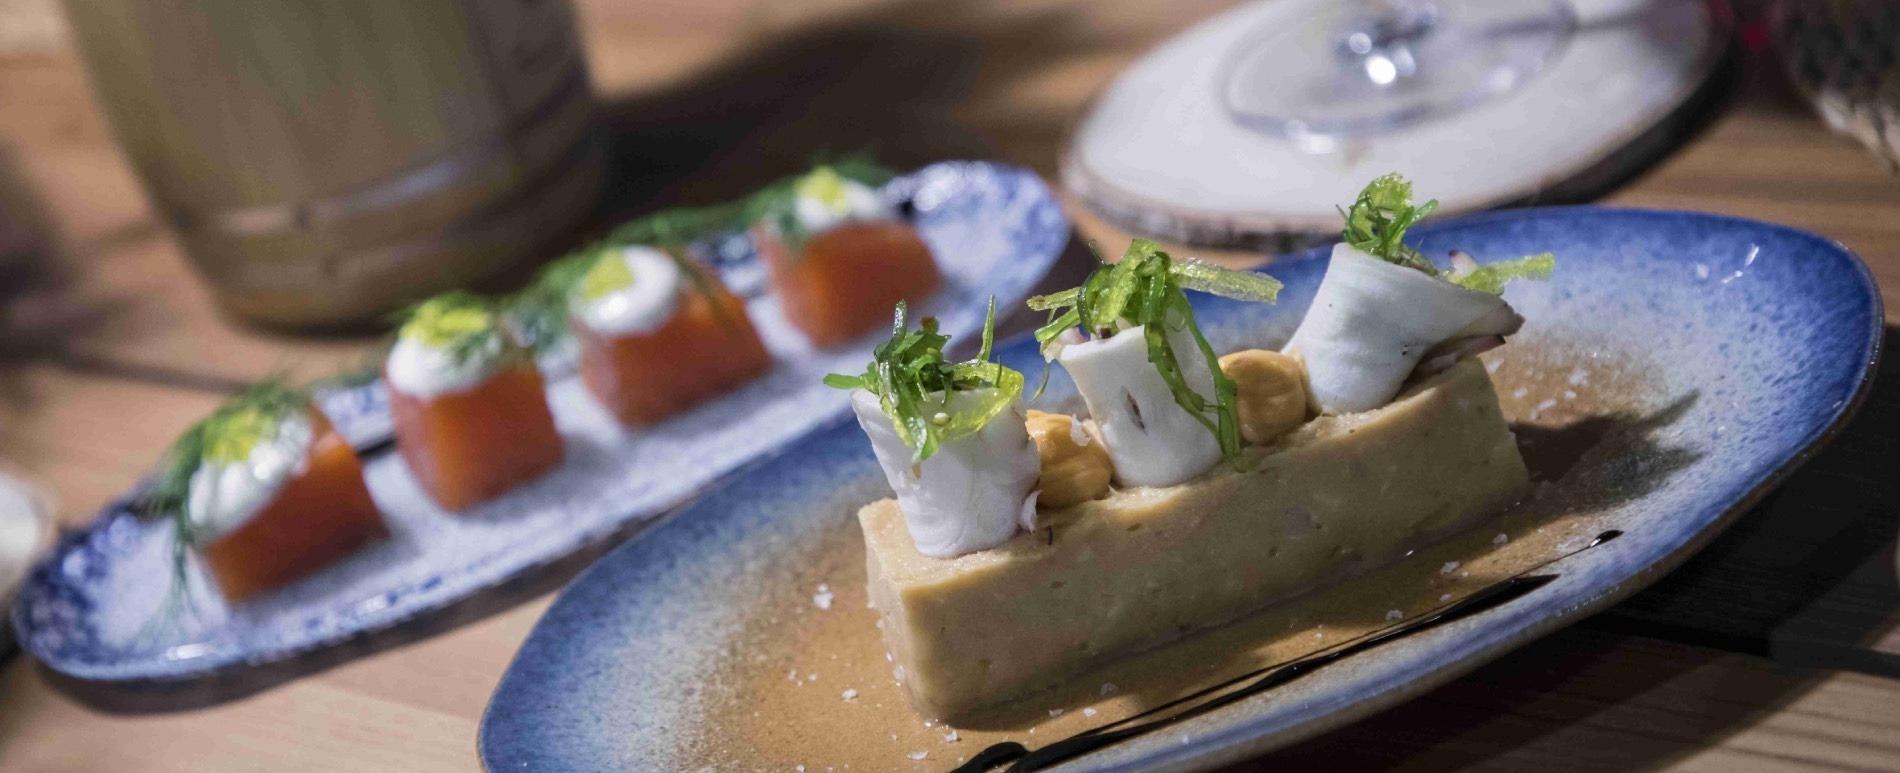 Forfait gastronomique en Andorre